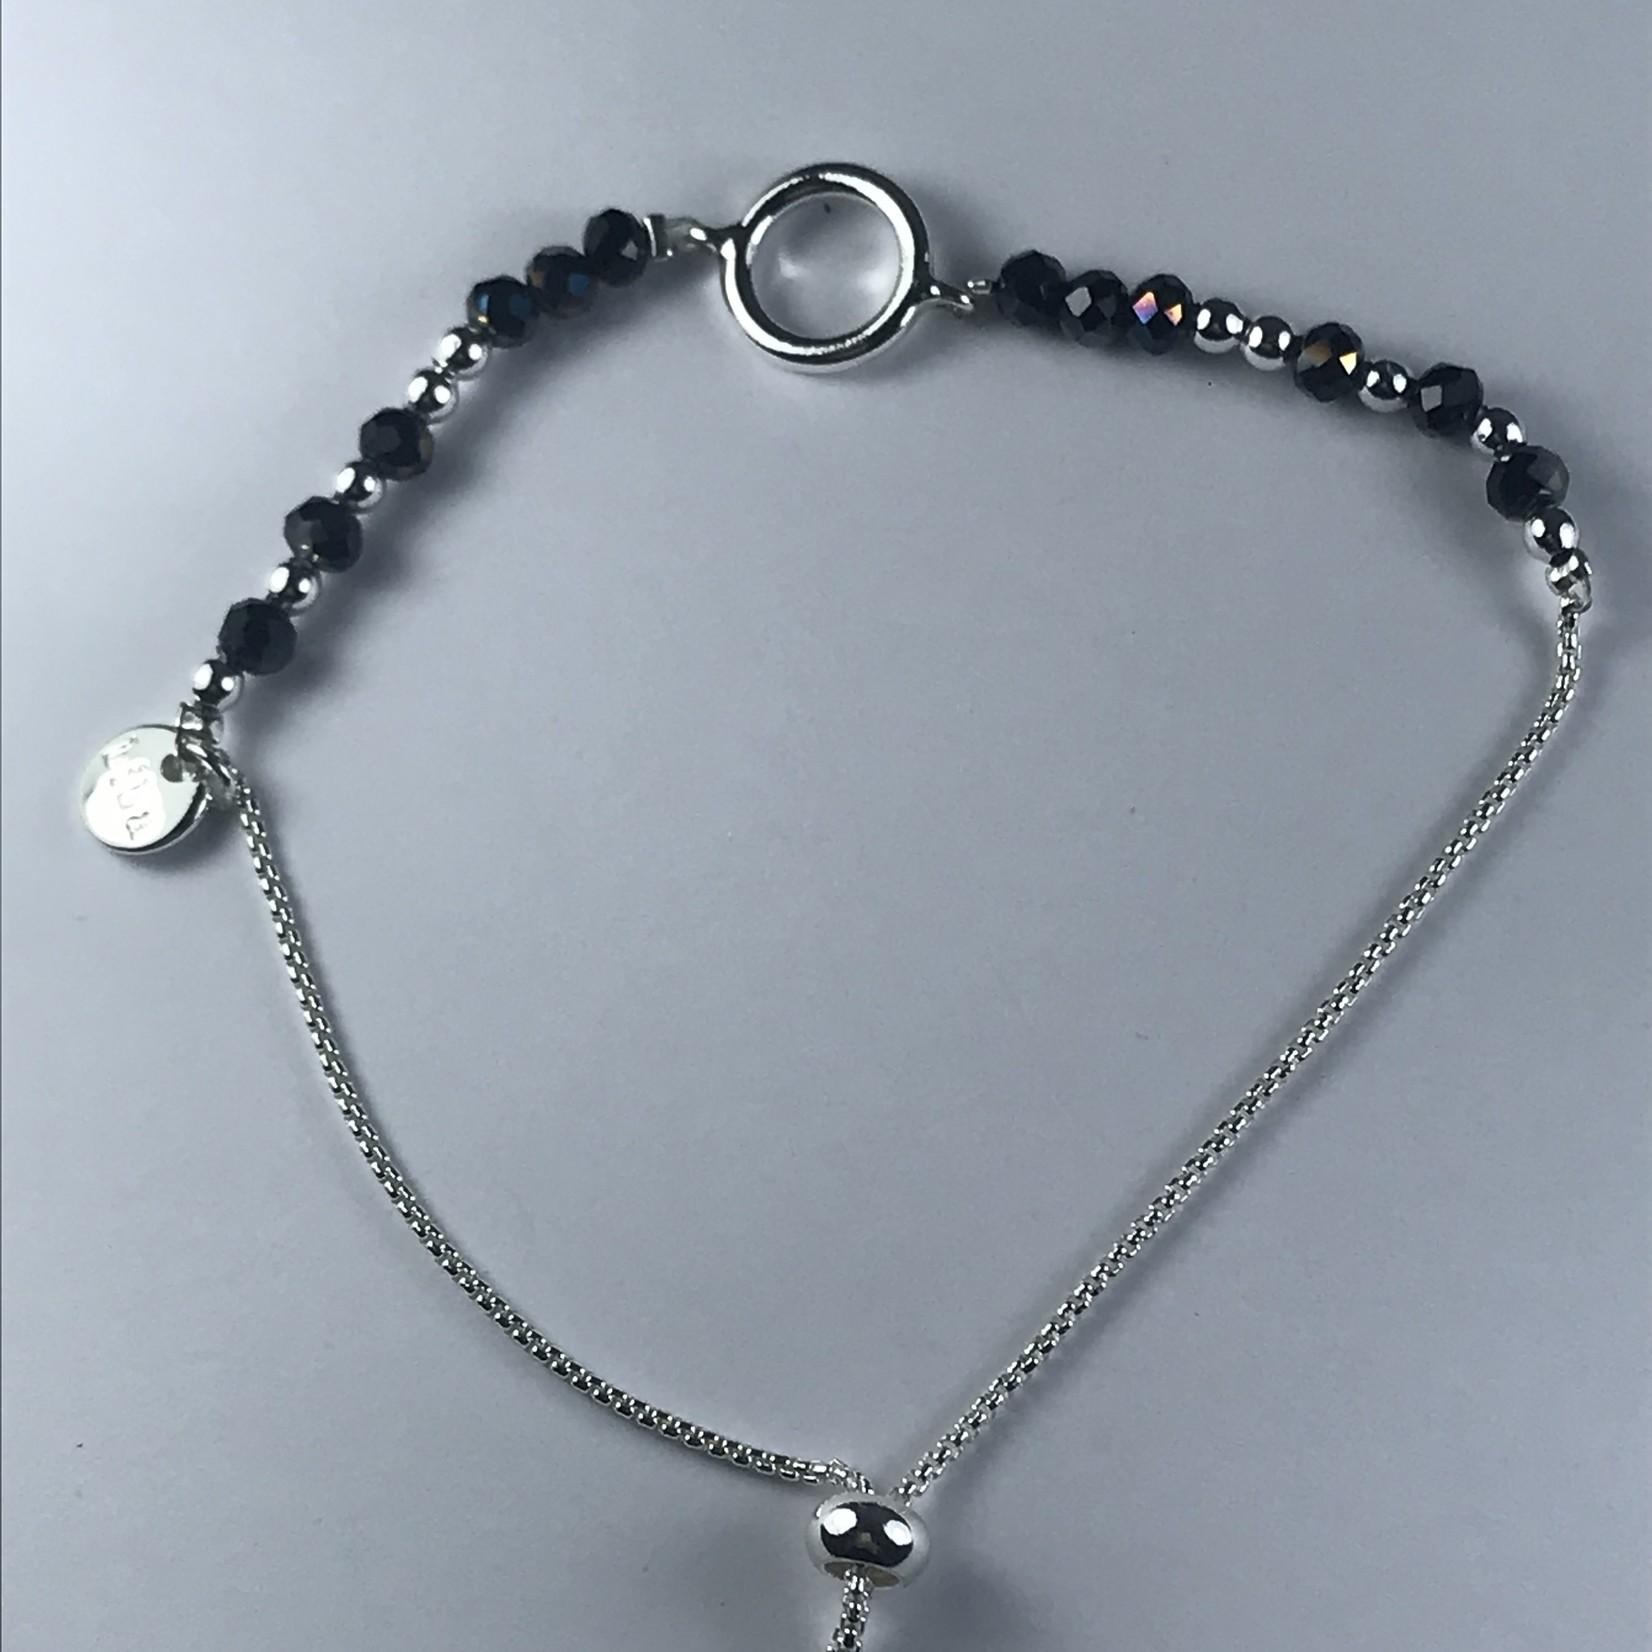 Biba fijne armband - zilverkleurig  met grijze kraaltjes